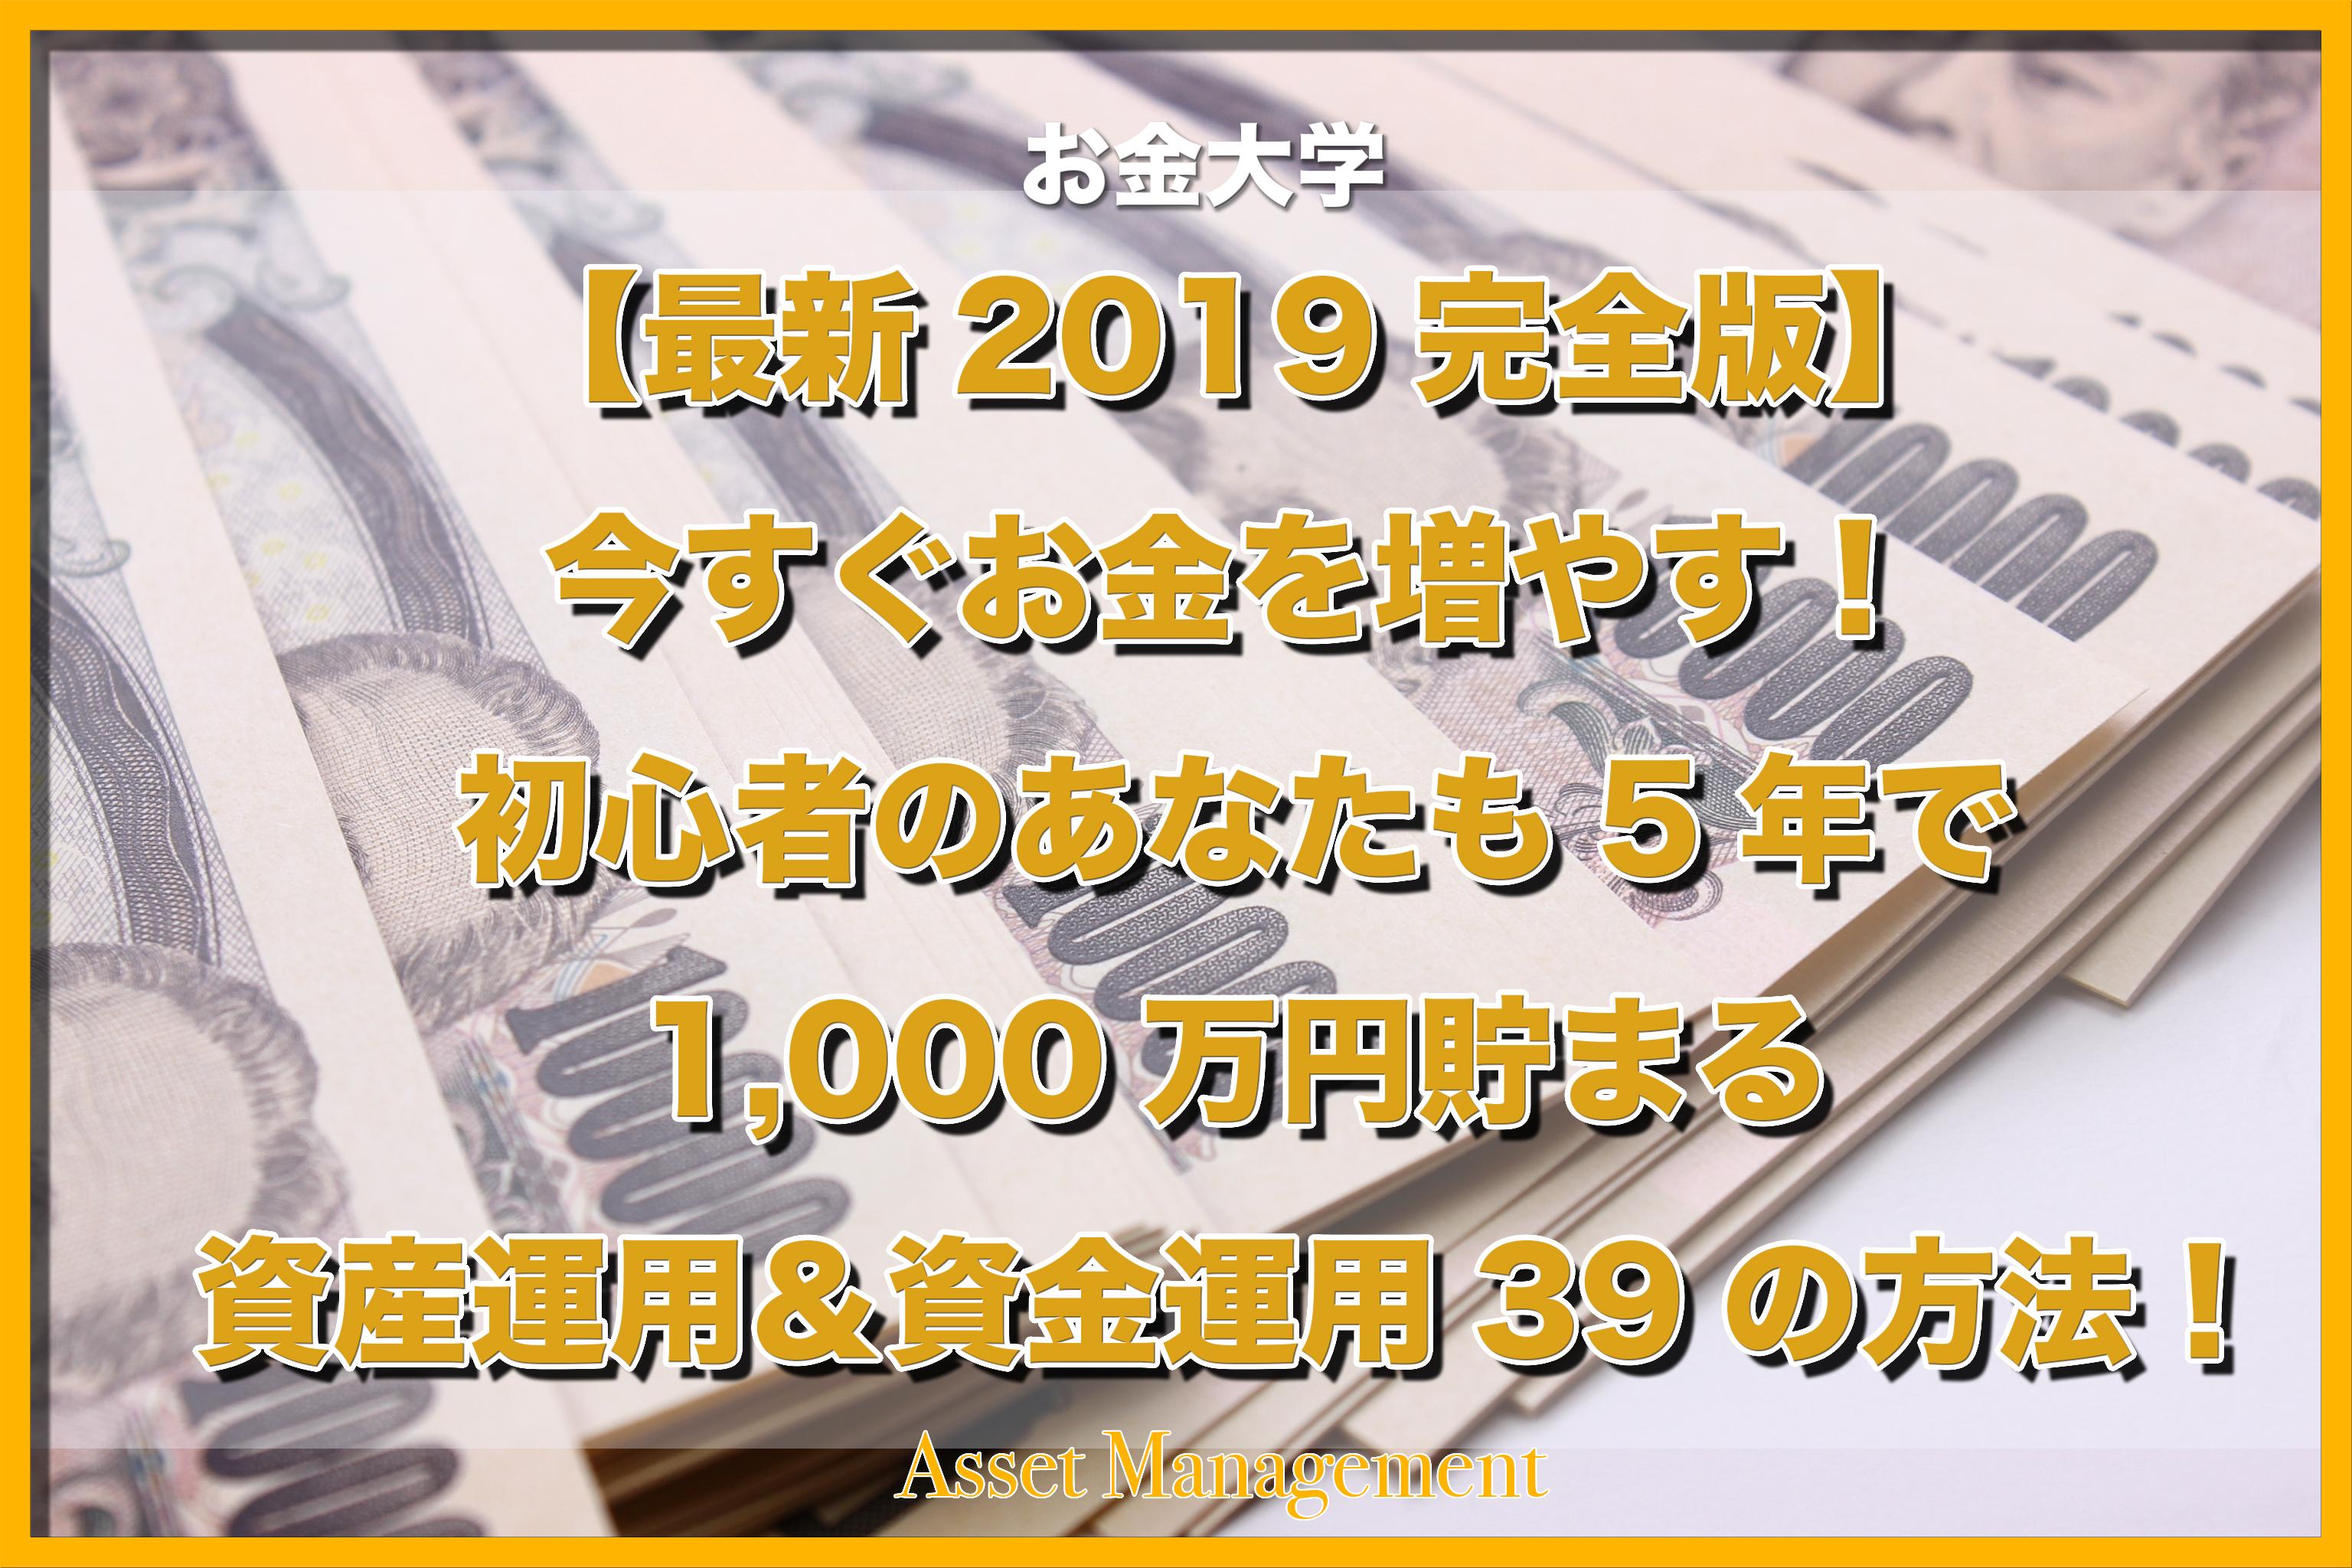 【最新2019完全版】今すぐお金を増やす!初心者のあなたも5年で1,000万円貯まる資産運用&資金運用39の方法!